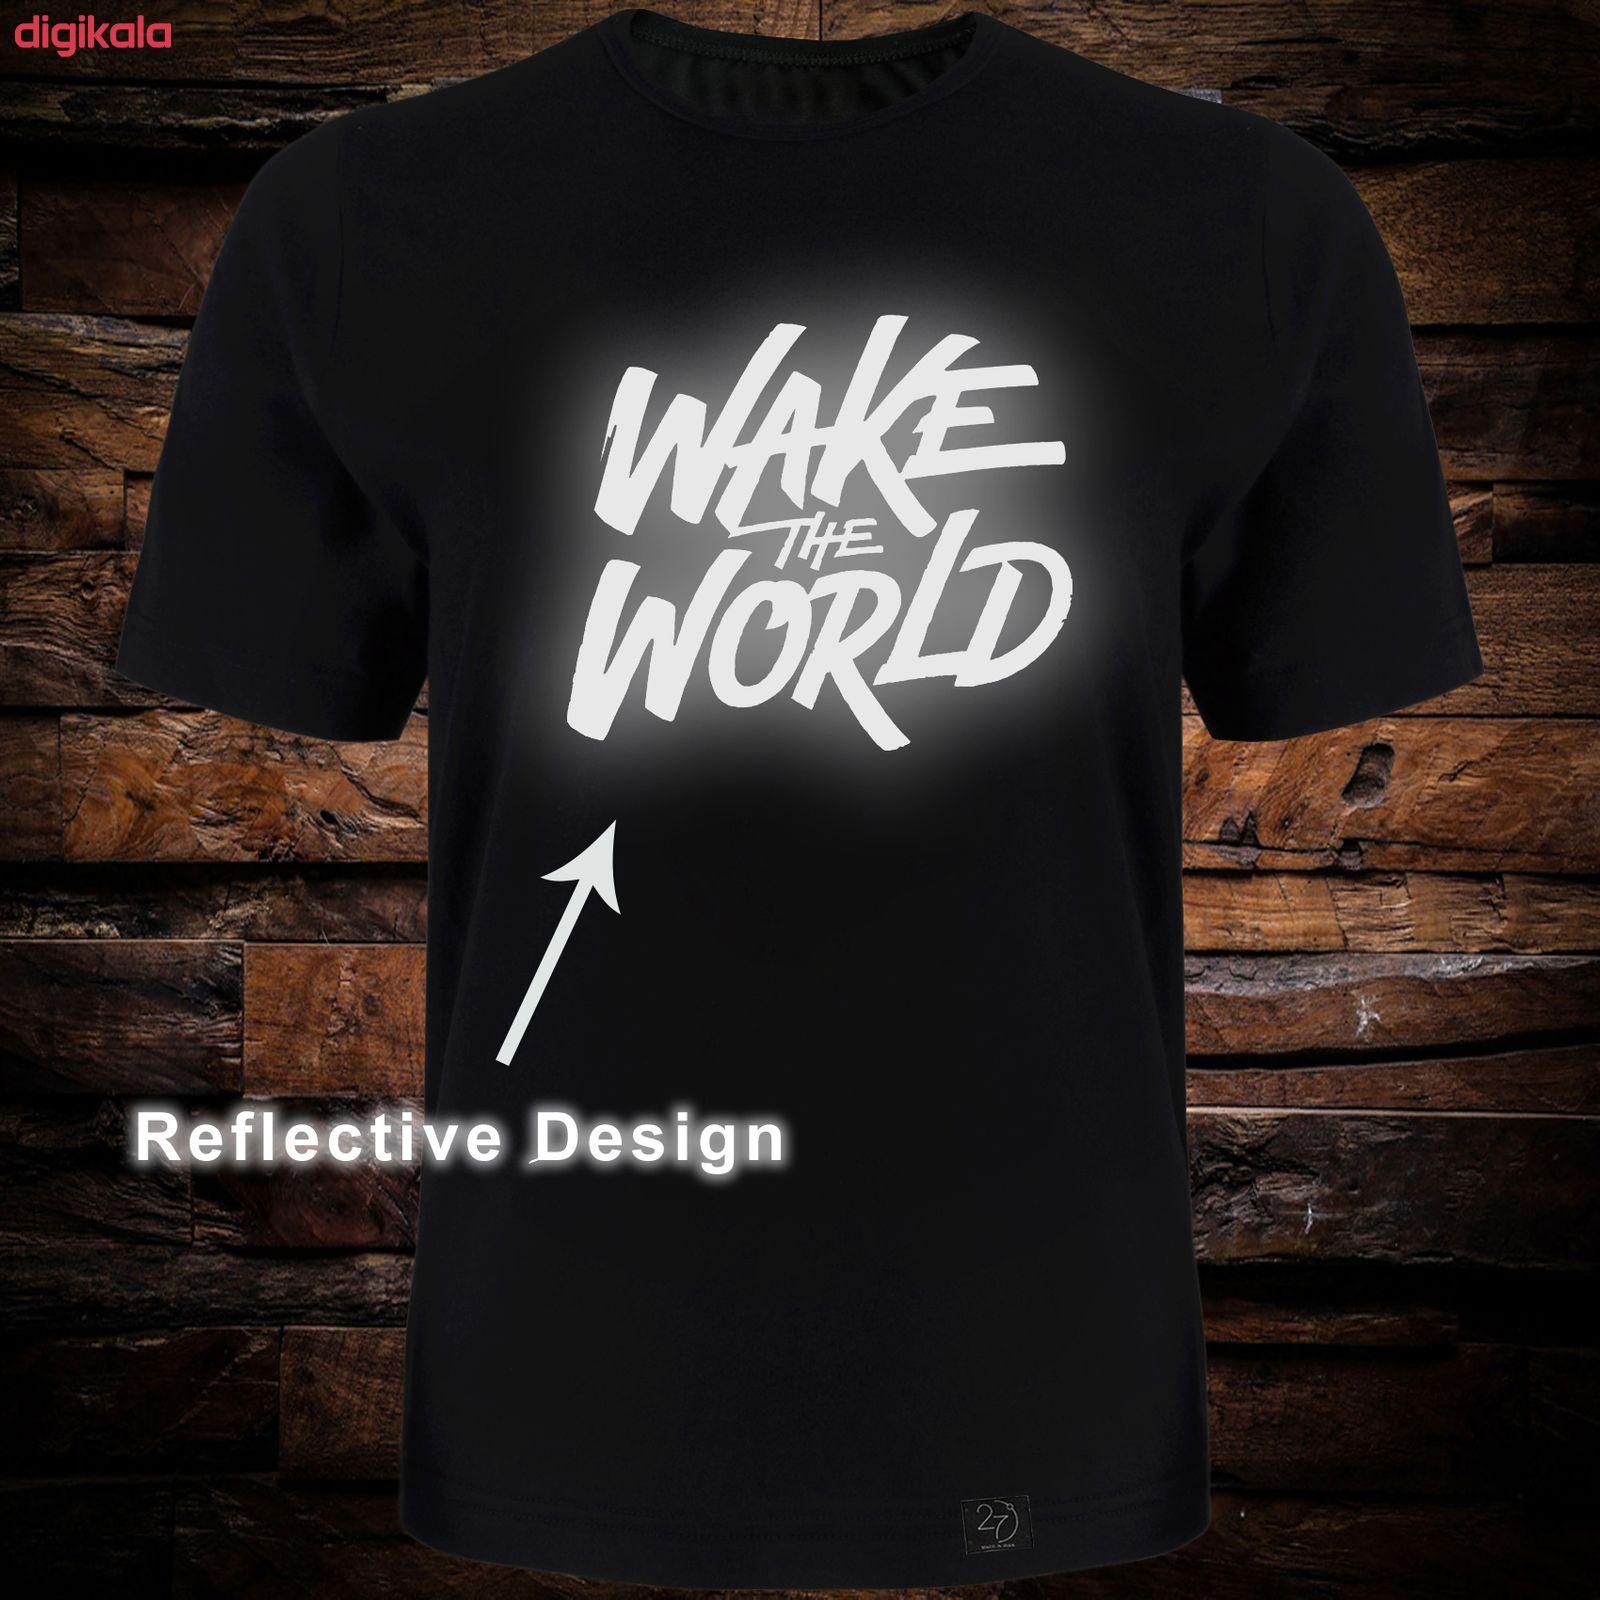 تی شرت آستین کوتاه مردانه 27 طرح World کد TR02 رنگ مشکی main 1 1